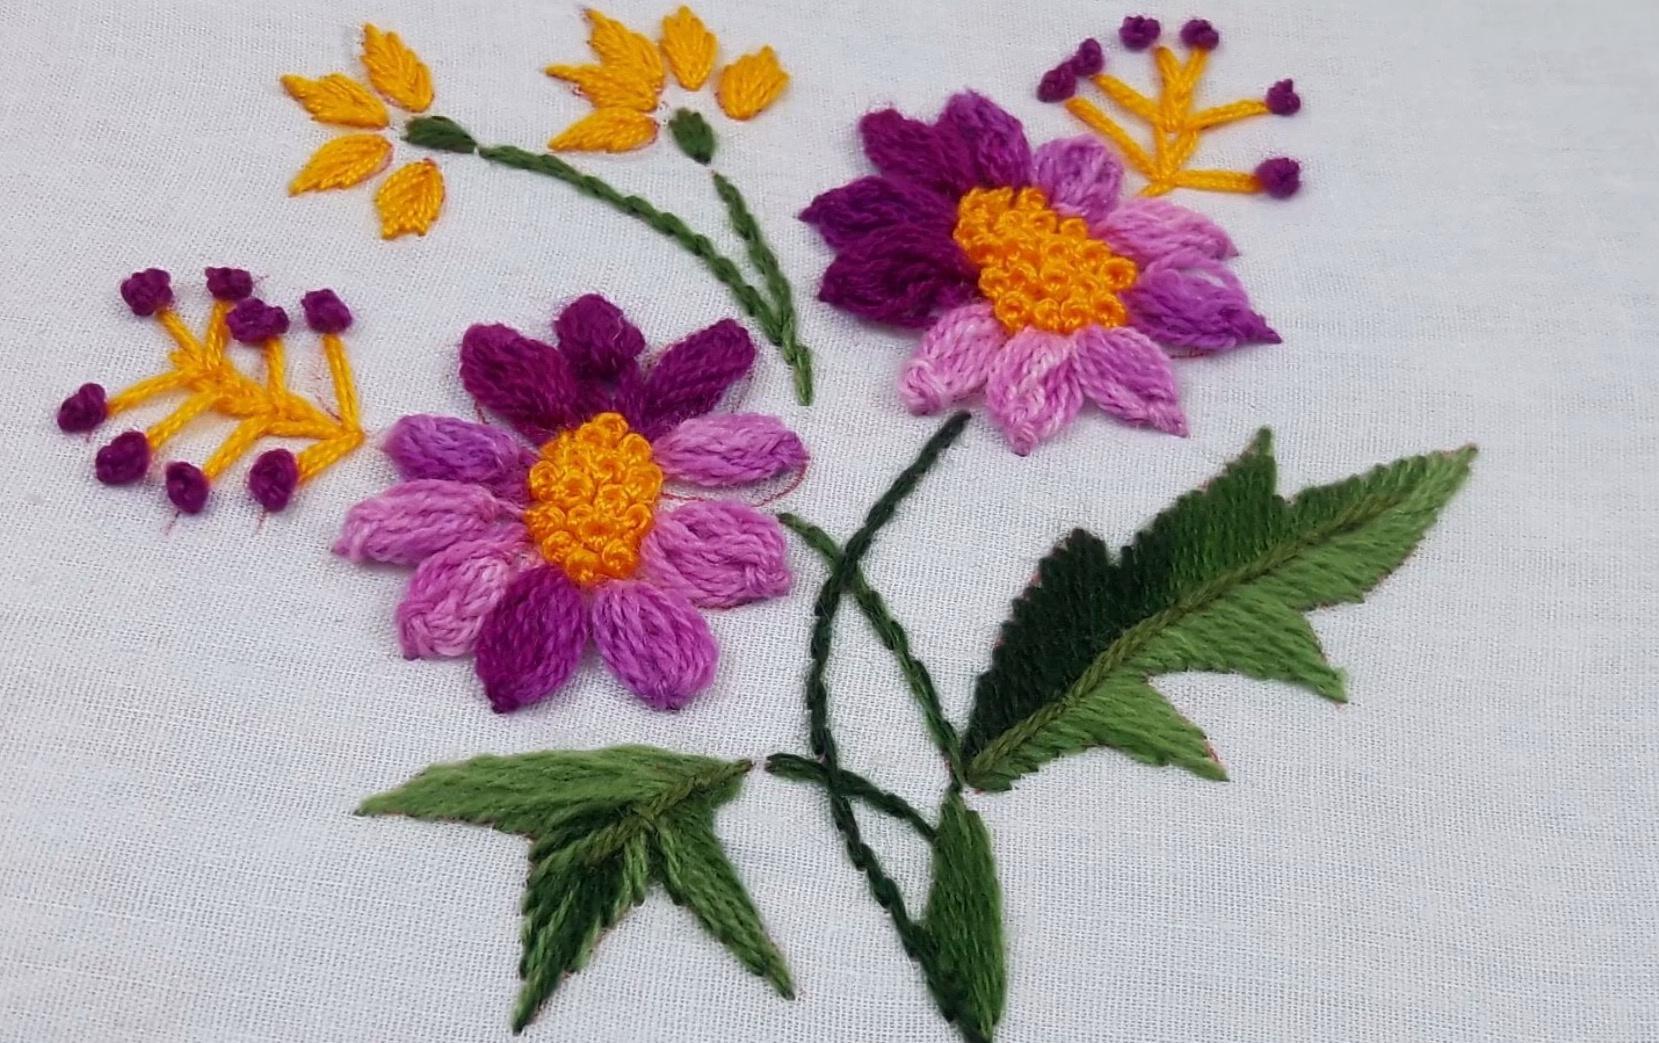 刺绣视频:刺绣花卉创作过程